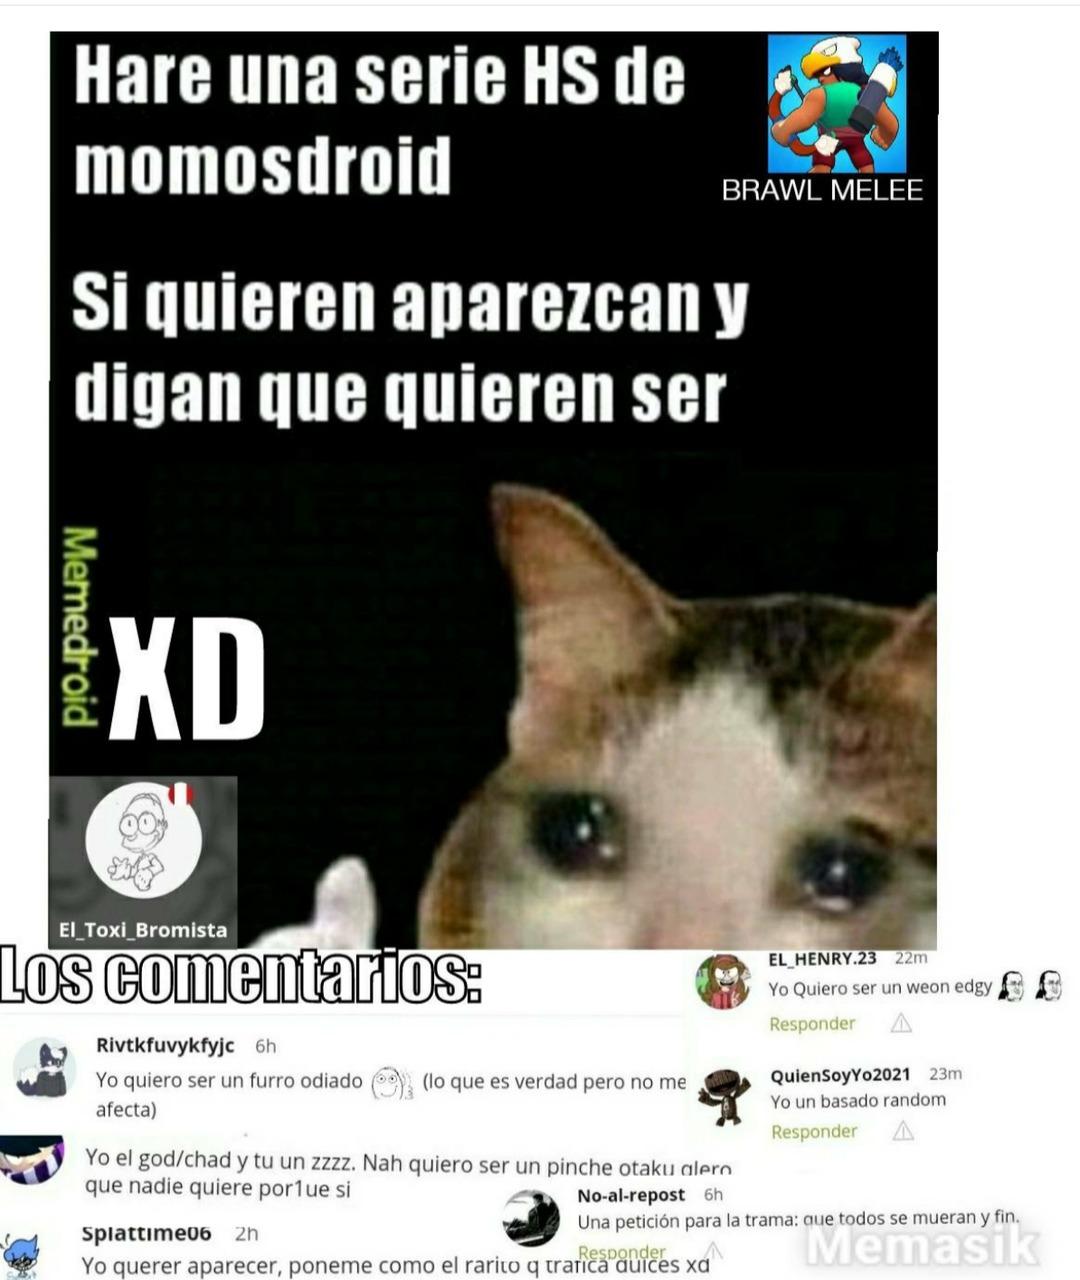 El_Taxi_Bromista quiso hacer un HS y paso esto XD - meme